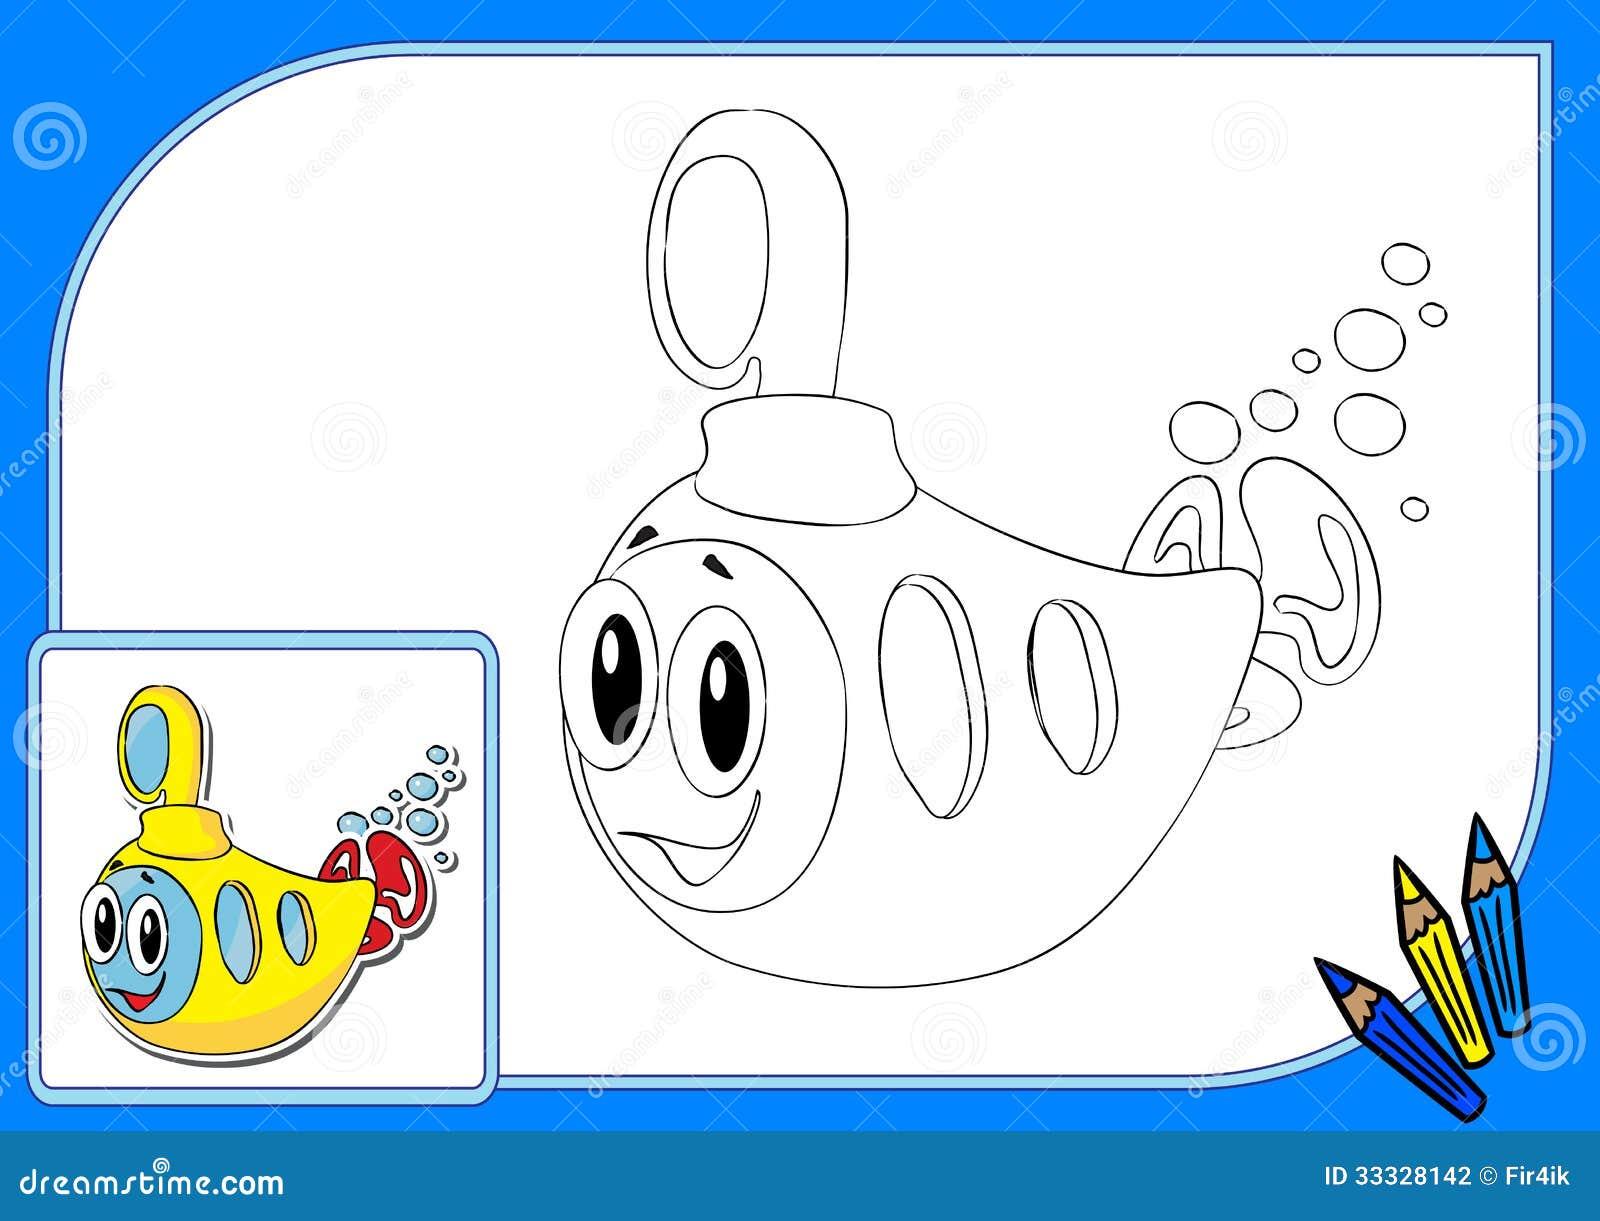 Sous marin jaune de livre de coloriage illustration de - Dessin sous marin ...